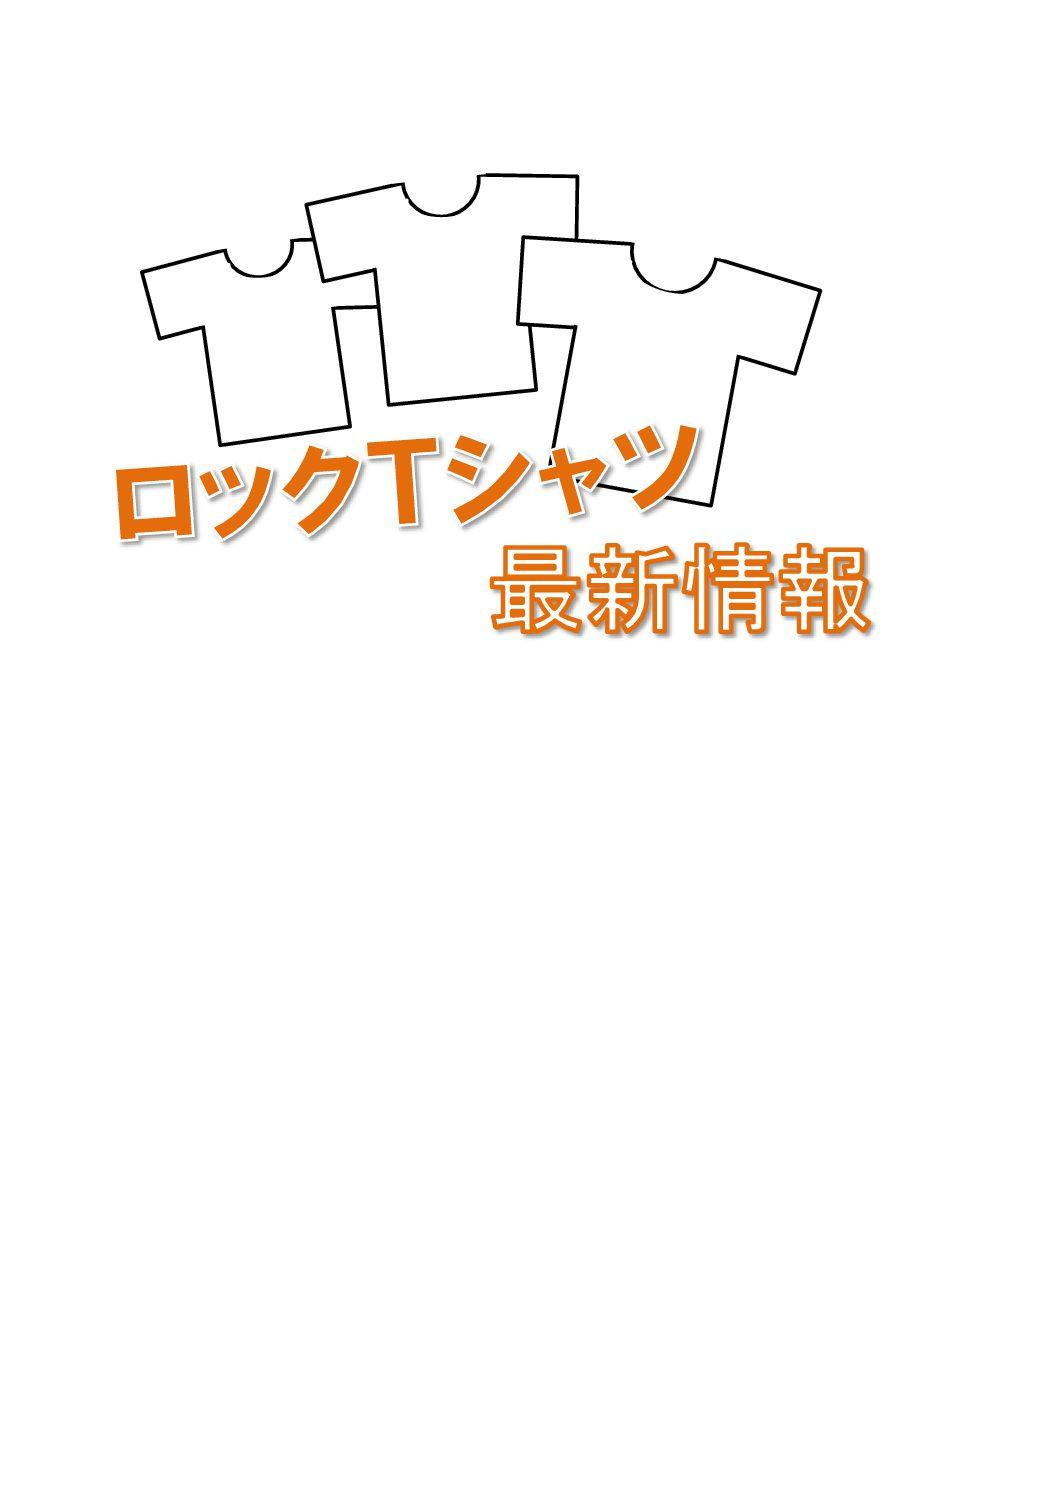 ロックTシャツ 在庫リスト更新しました!